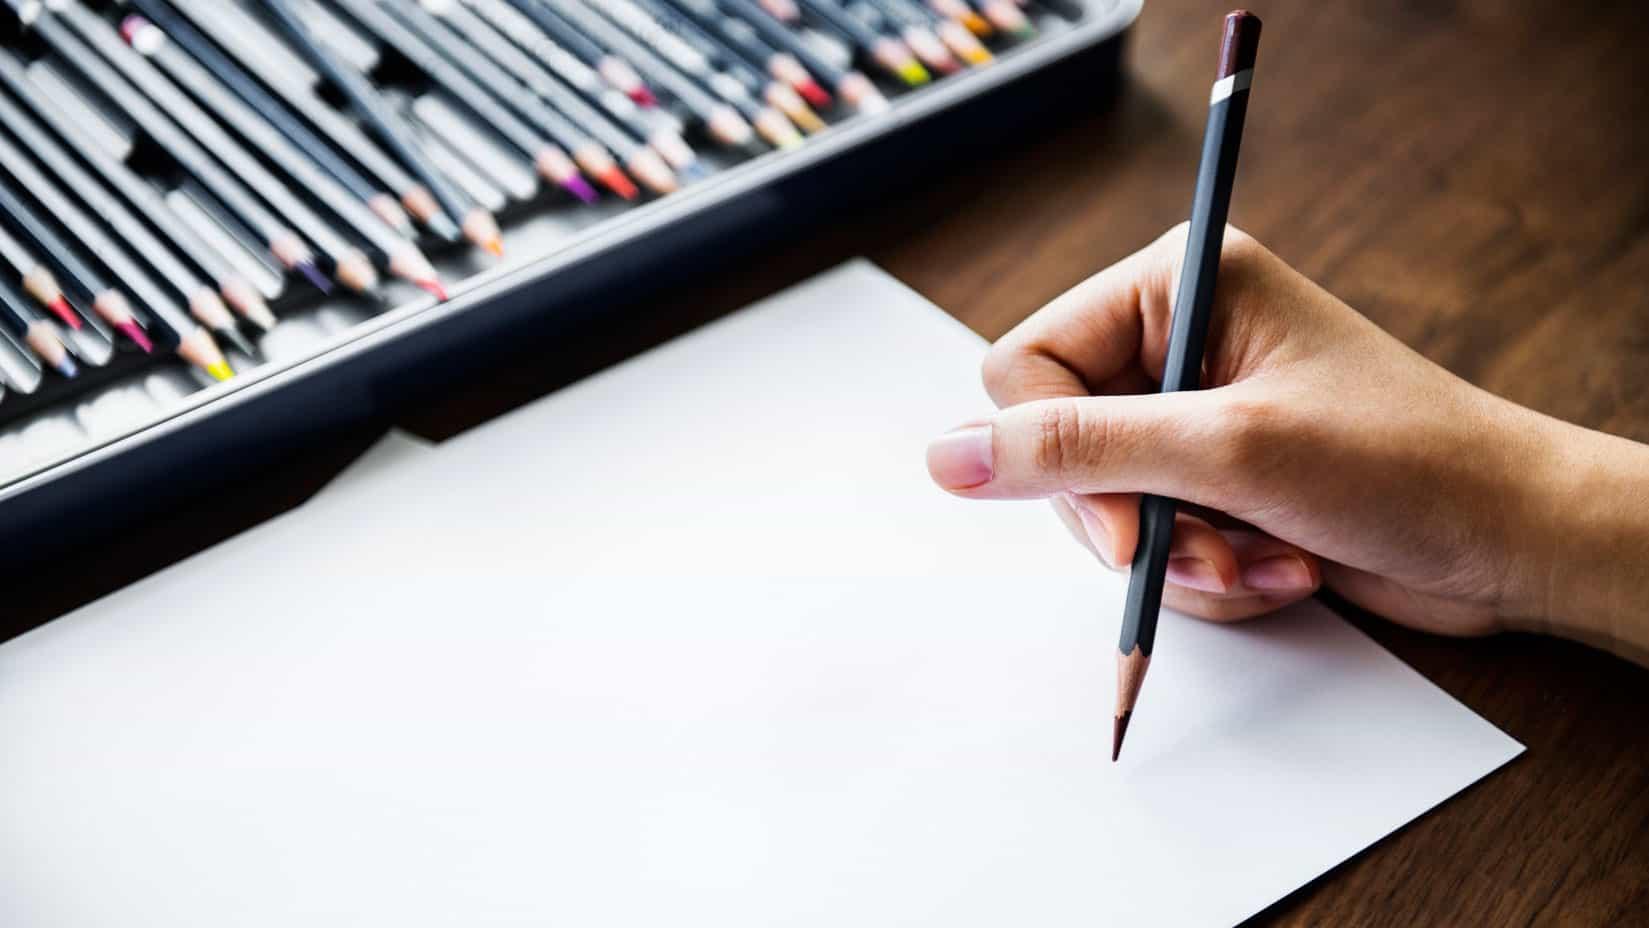 ¿Cómo elegir las herramientas de dibujo de la derecha